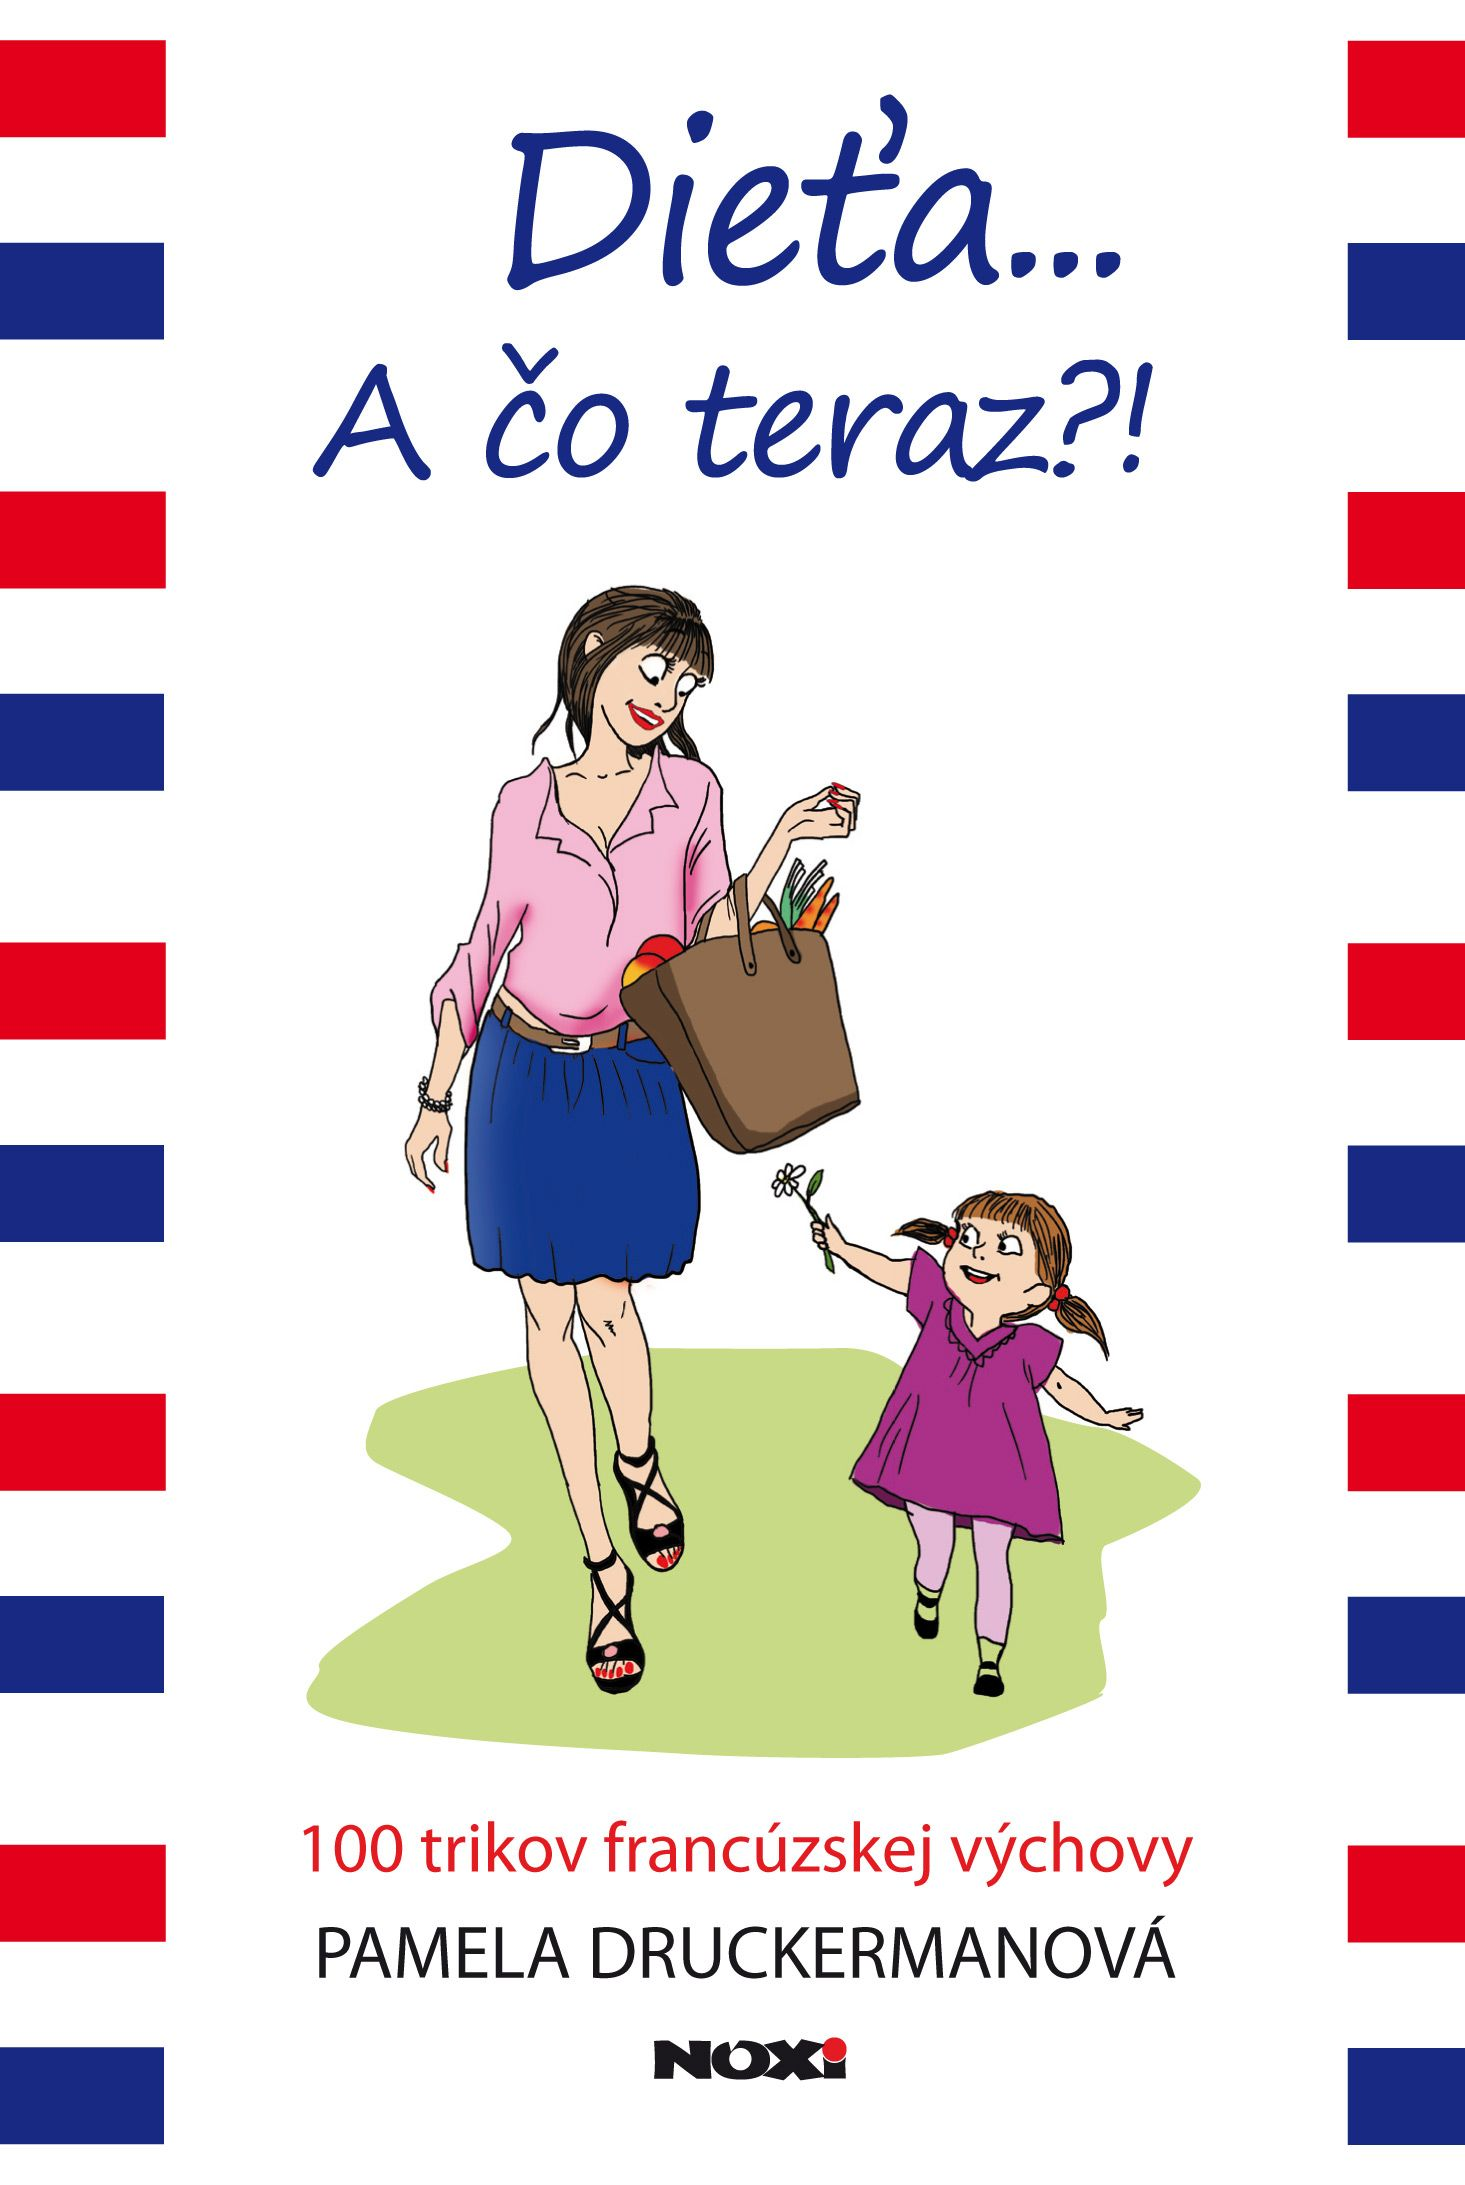 Americká novinárka Pamela Druckerman a autorka bestselleru A dosť! pokračuje v odkrývaní tajomstiev francúzskej výchovy. Dôležité je si uvedomiť, že život rodiny sa netočí len okolo dieťaťa. Nemusíte neustále všetkým ukazovať fotky vašich ratolestí, ani donekonečna rozprávať o každom ich papaní či kakaní. Nie ste len matka, v prvom rade ste žena, partnerka, manželka. Tak na to nezabúdajte.